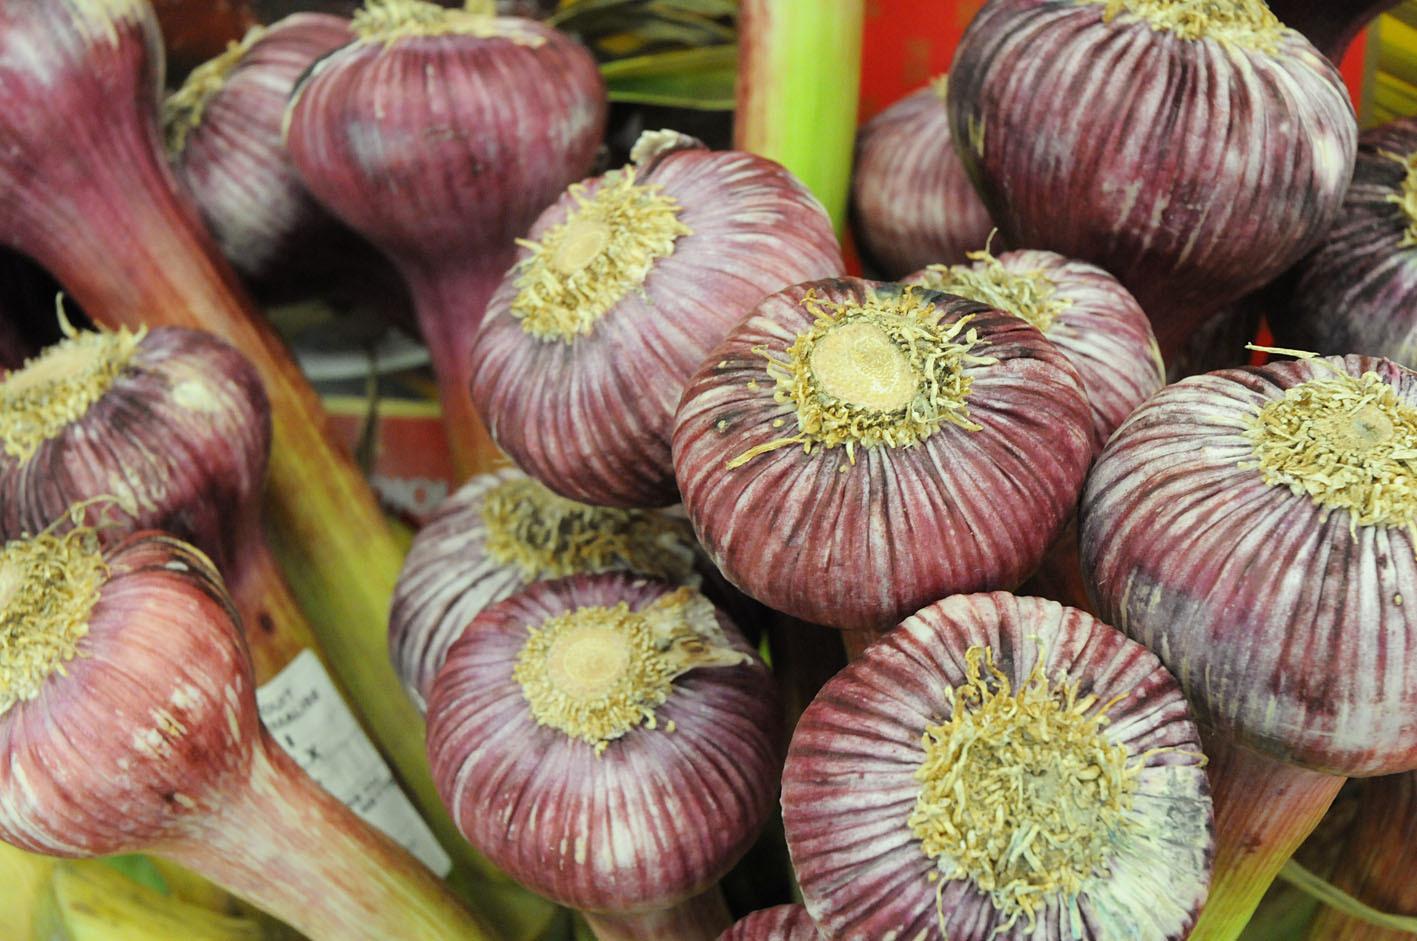 garlic.jpg?mtime=20170922143748#asset:11532